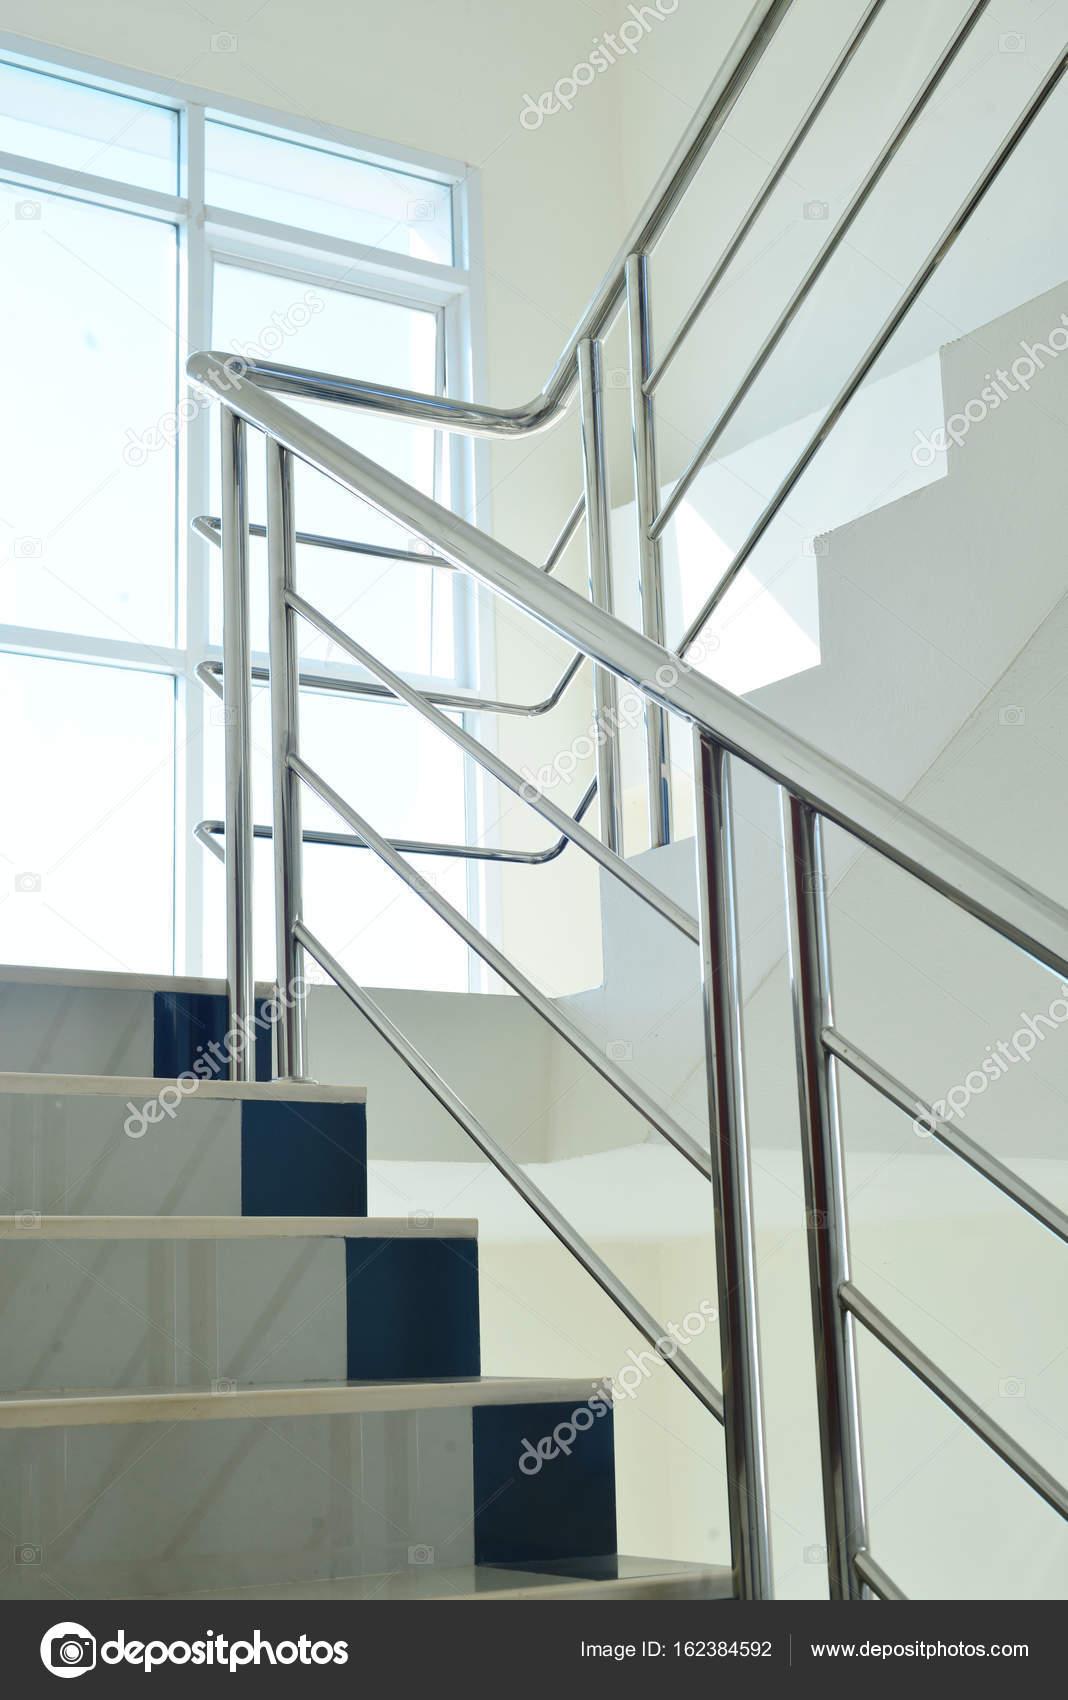 cage d 39 escalier dans un immeuble modern photographie. Black Bedroom Furniture Sets. Home Design Ideas